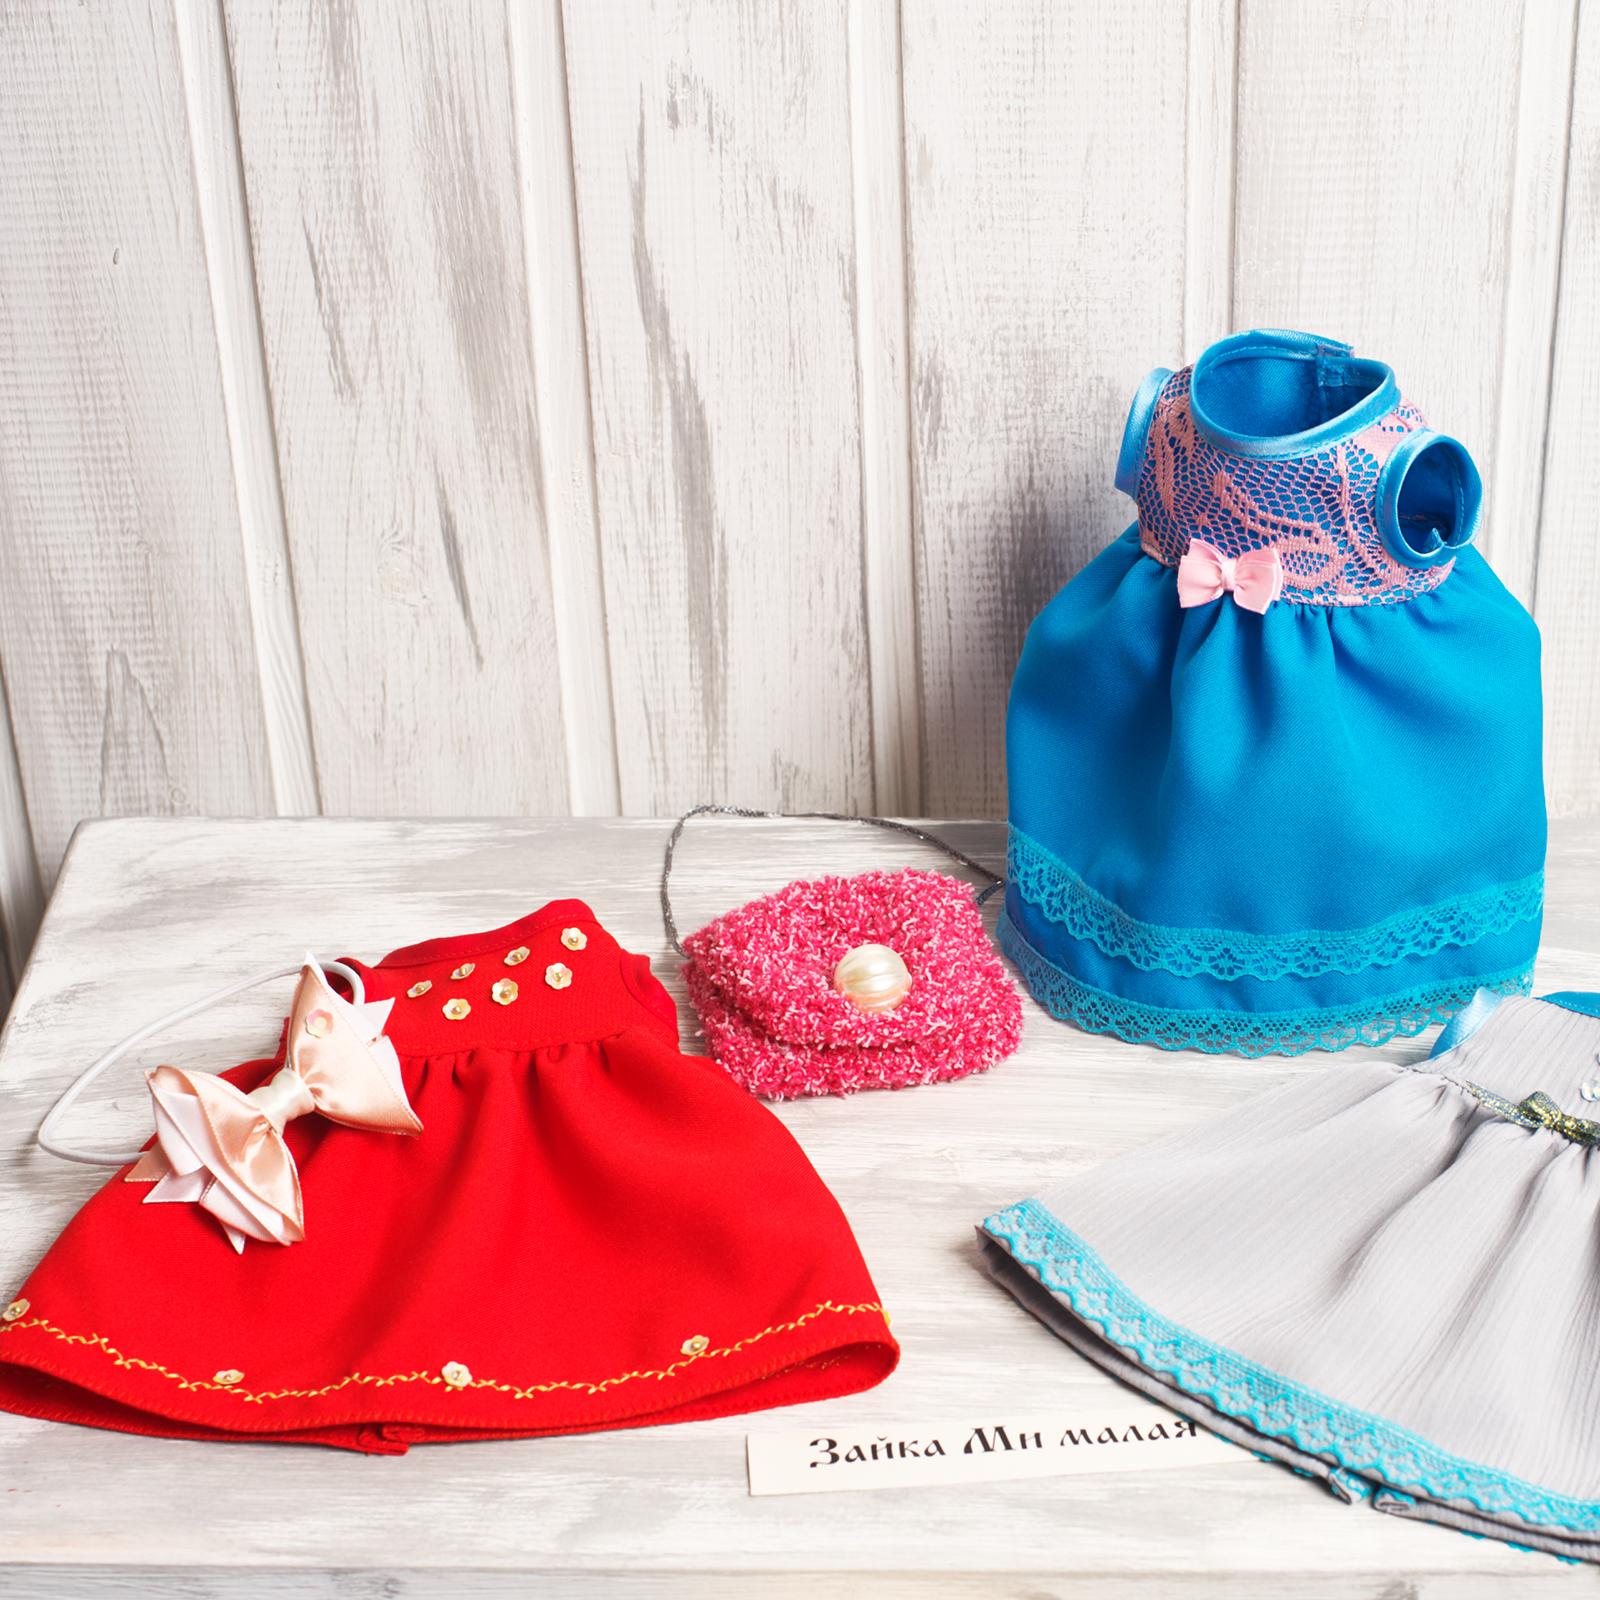 Выгодное предложение: 3 платья, сумочка, бантик на голову